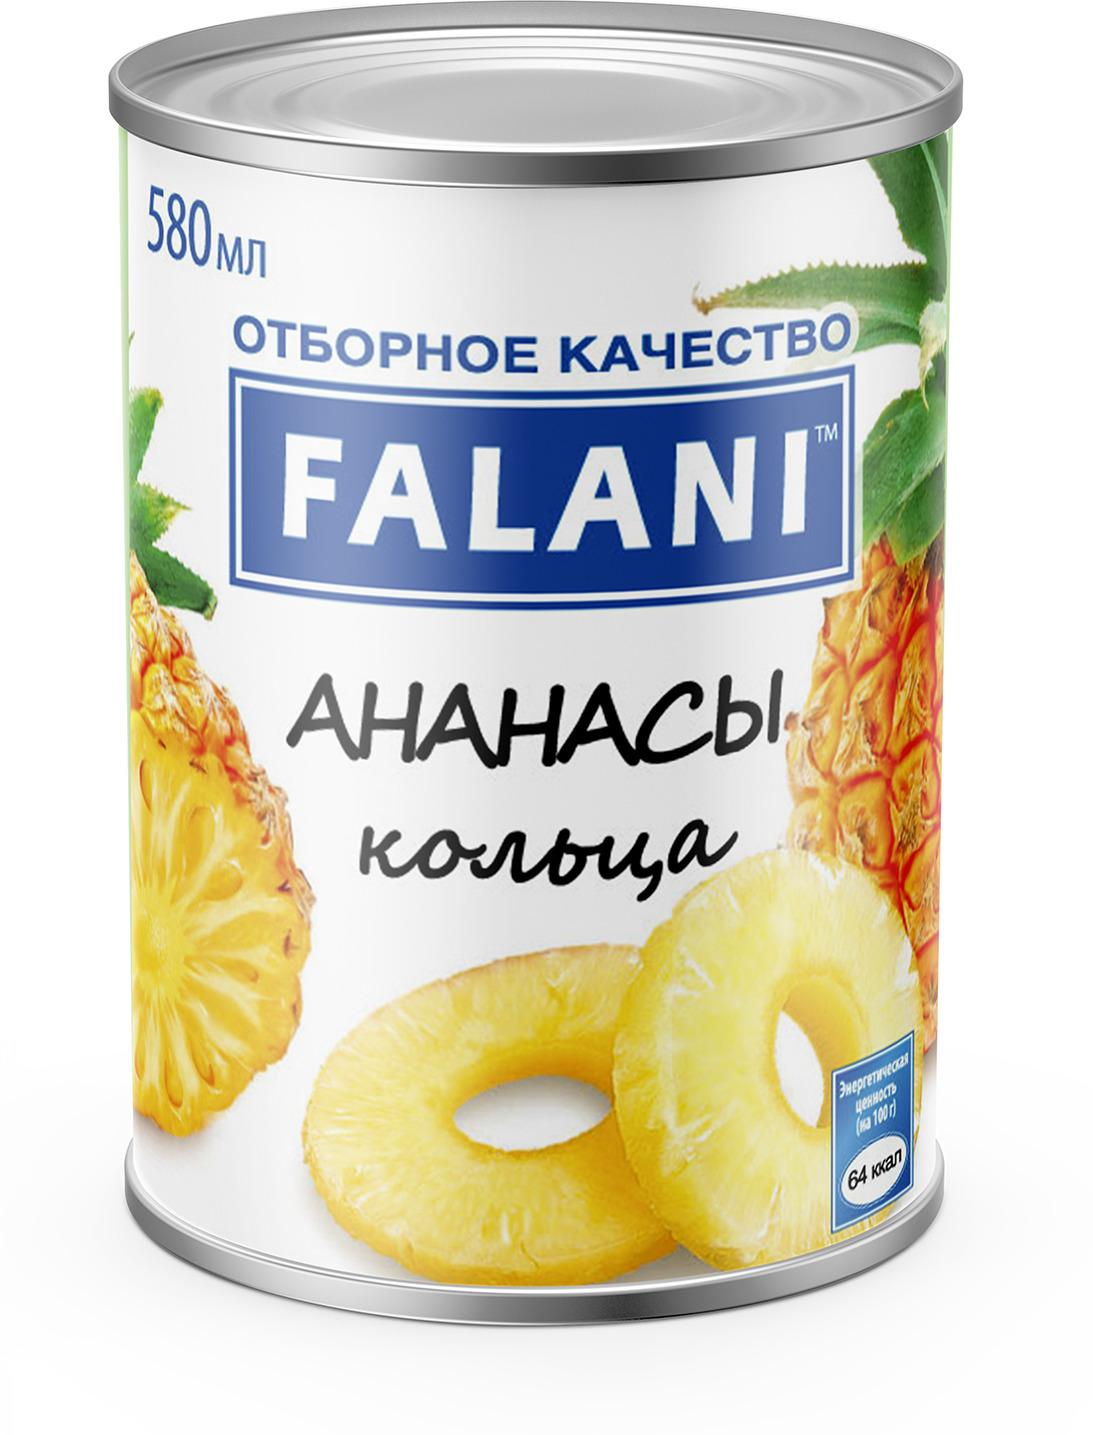 Фруктовые консервы Falani Ананасы шайба, 565 г green ray ананасы кольцами тропические в легком сиропе 580 мл